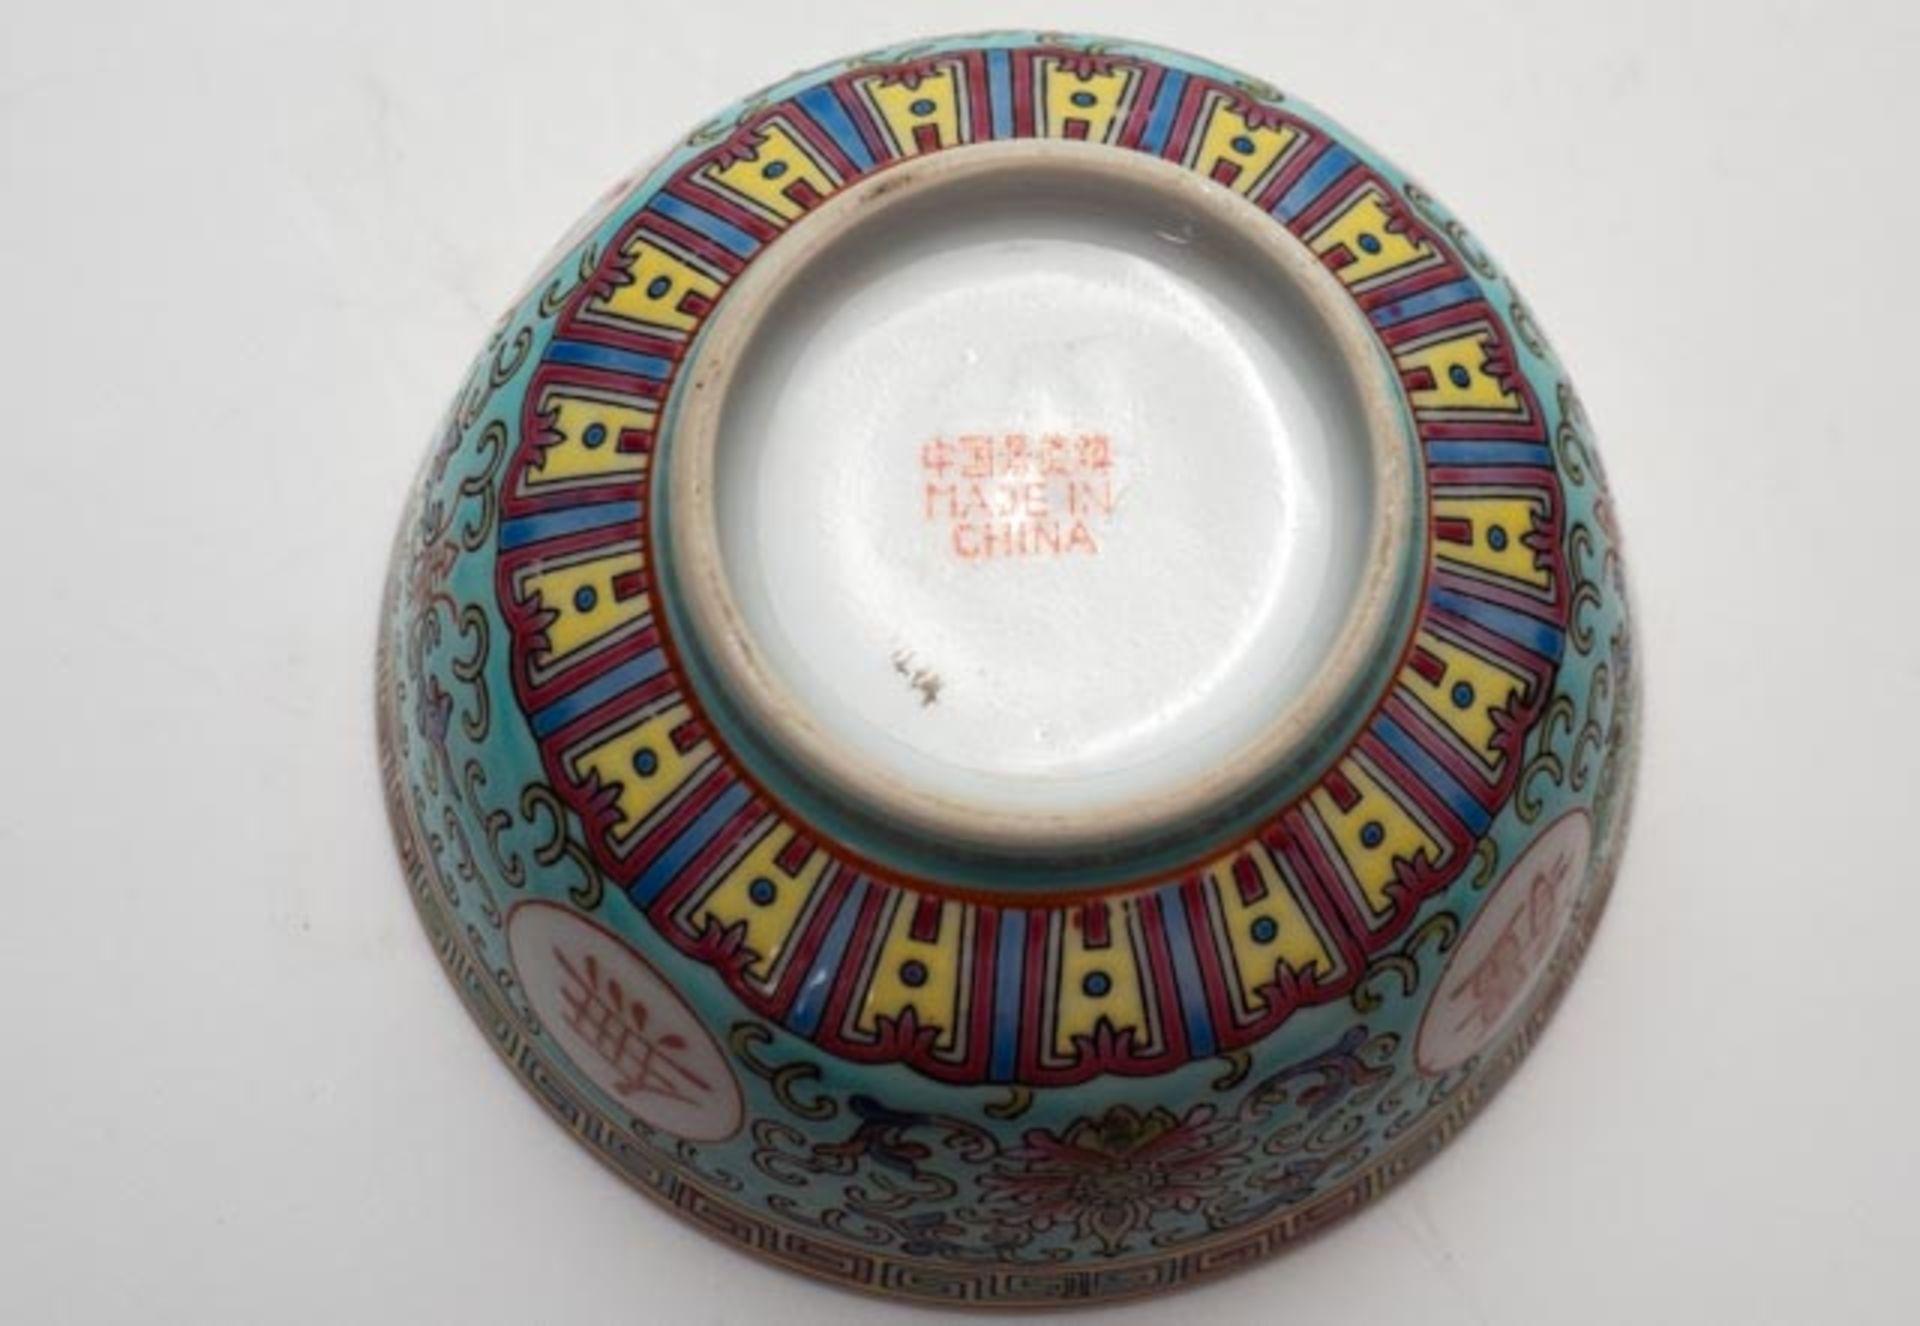 Asiatische Porzellankumme mit Porzellanlöffel - Image 5 of 5